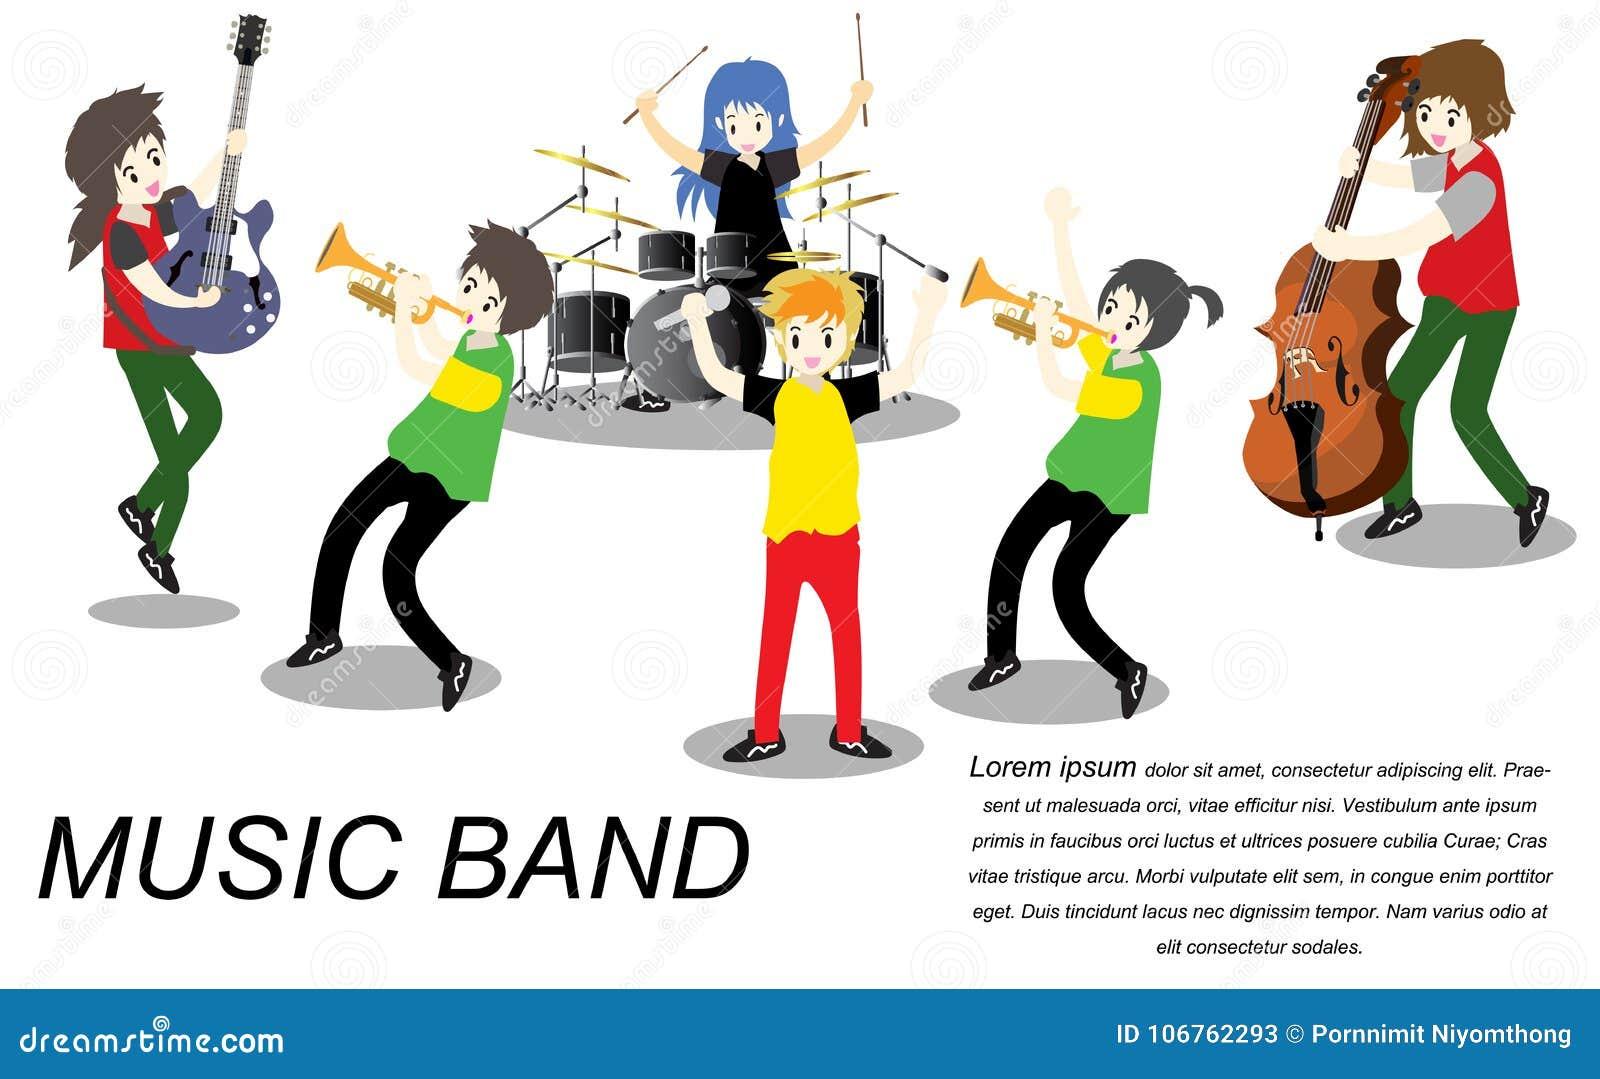 Grupo del reggae del ska de los músicos, guitarra del juego, cantante, guitarrista, batería, guitarrista a solas, bajista, banda